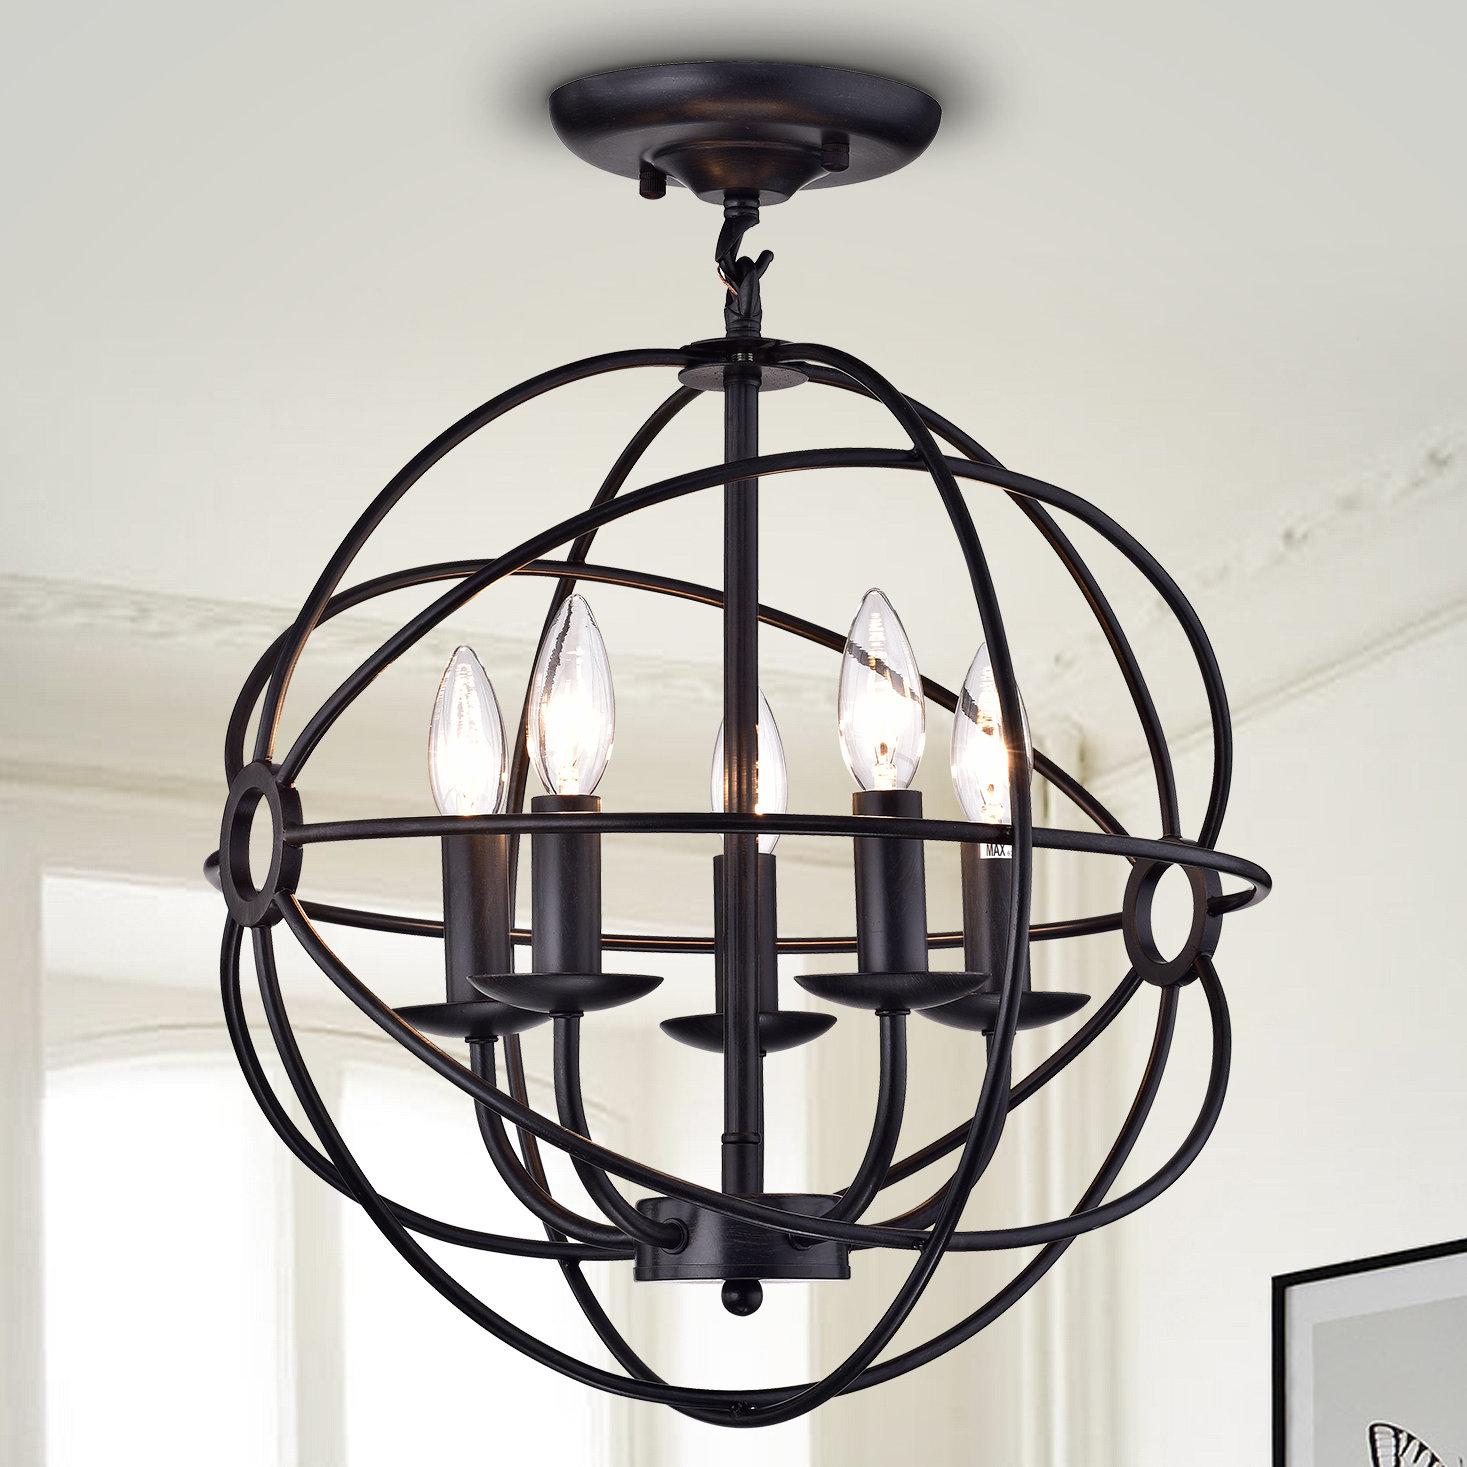 5 Light Globe Chandelier | Wayfair inside Waldron 5-Light Globe Chandeliers (Image 1 of 30)